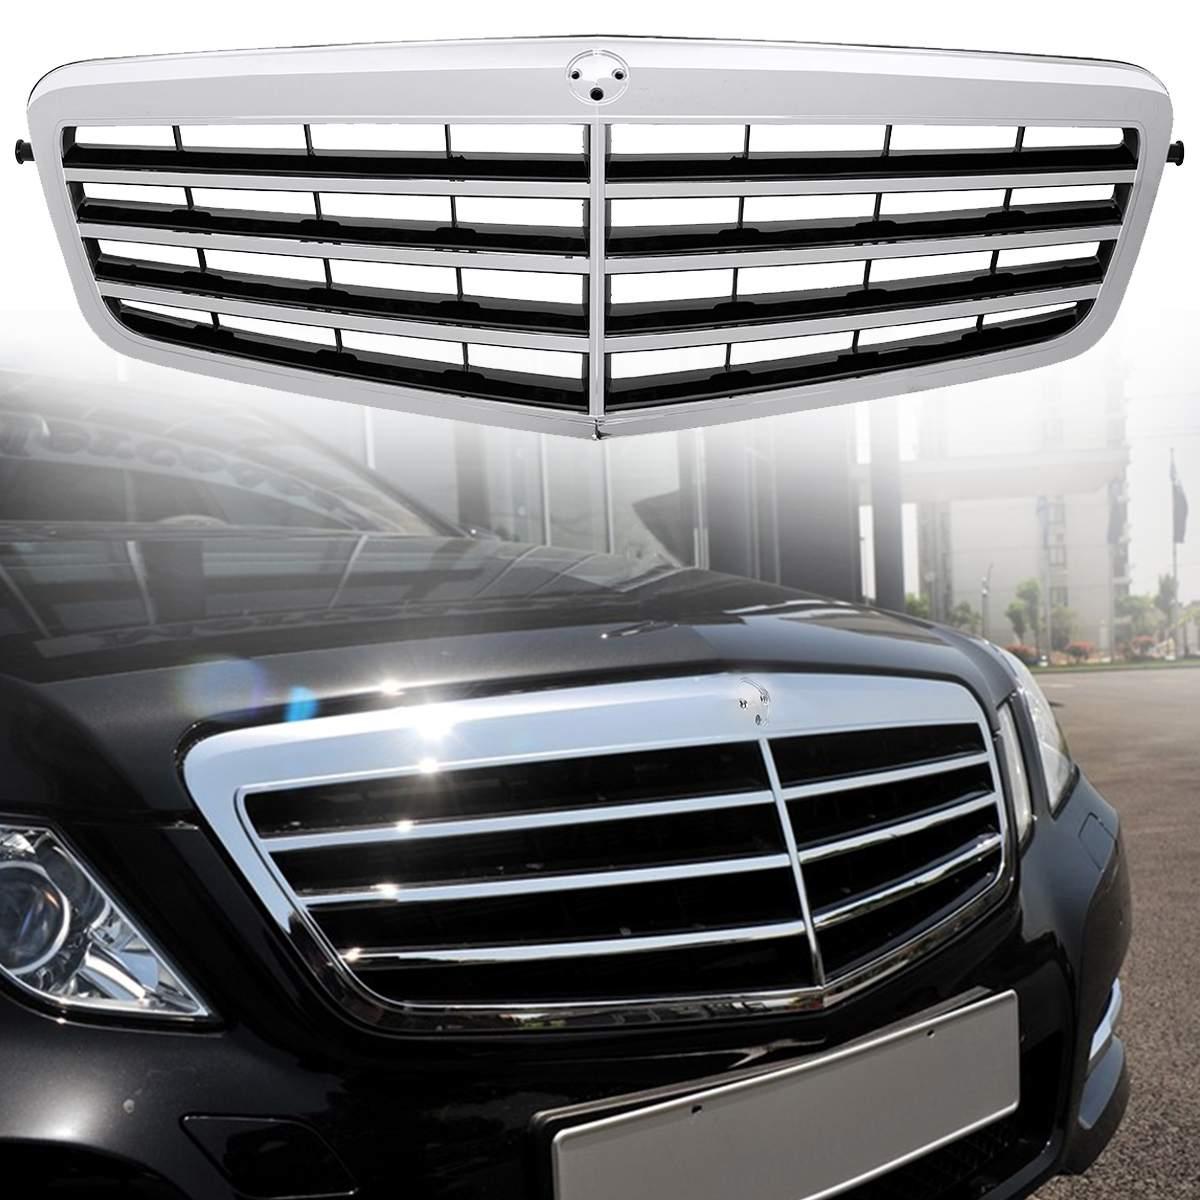 NEW E-CLASS W212 GRILLE MERCEDES E350 E550 SEDAN BLACK 2010-2013 AMG Popular !!